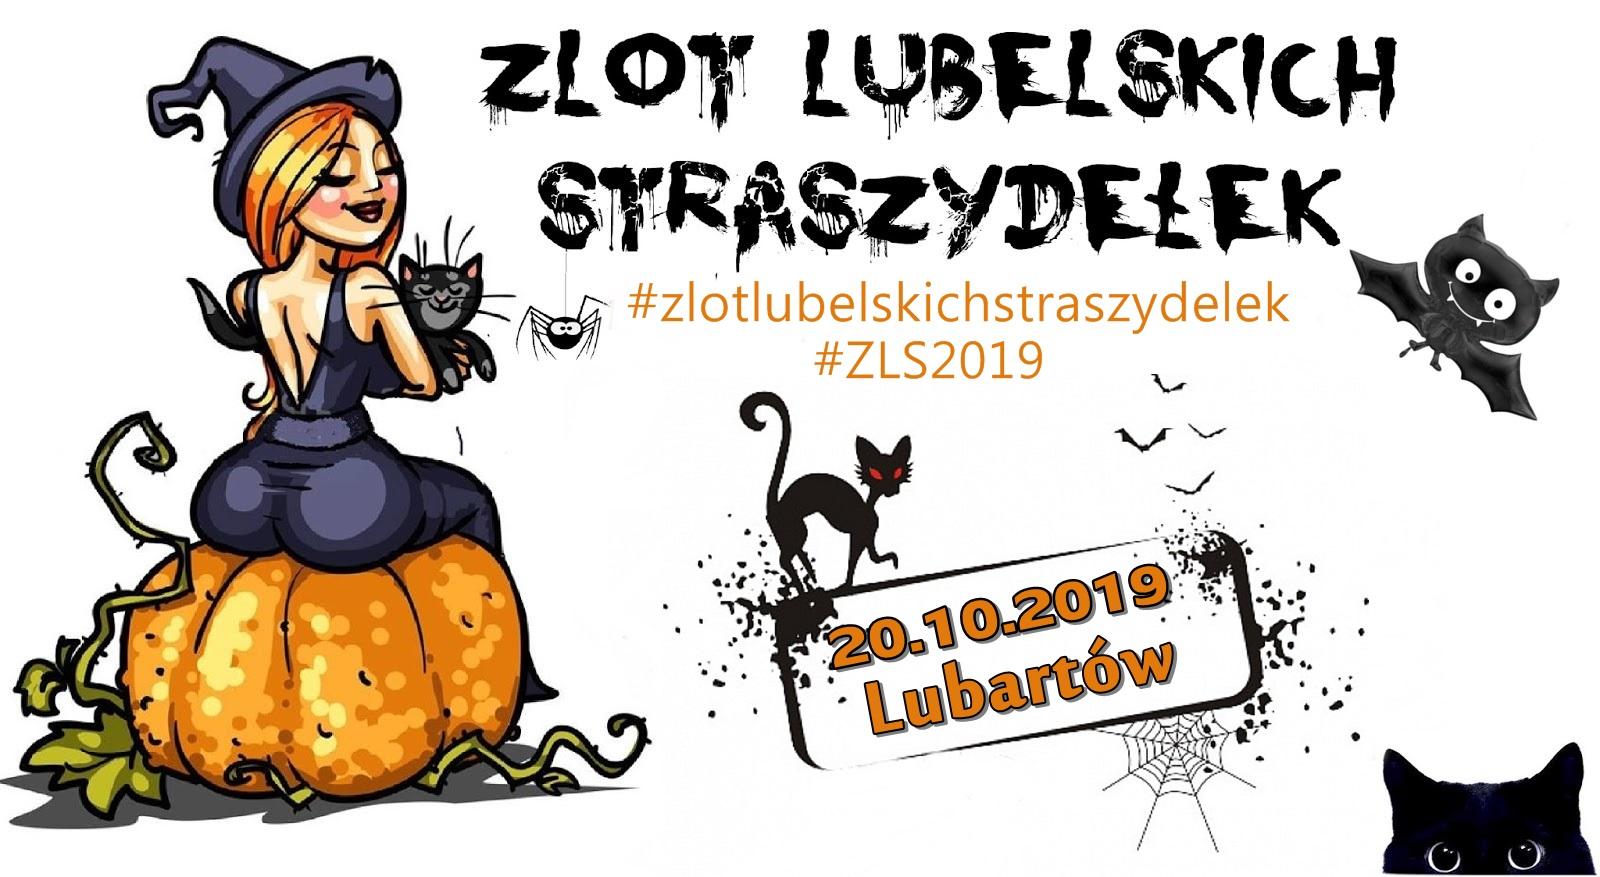 III Zlot Lubelskich Straszydełek - kolejna edycja spotkania blogerek w Lubartowie